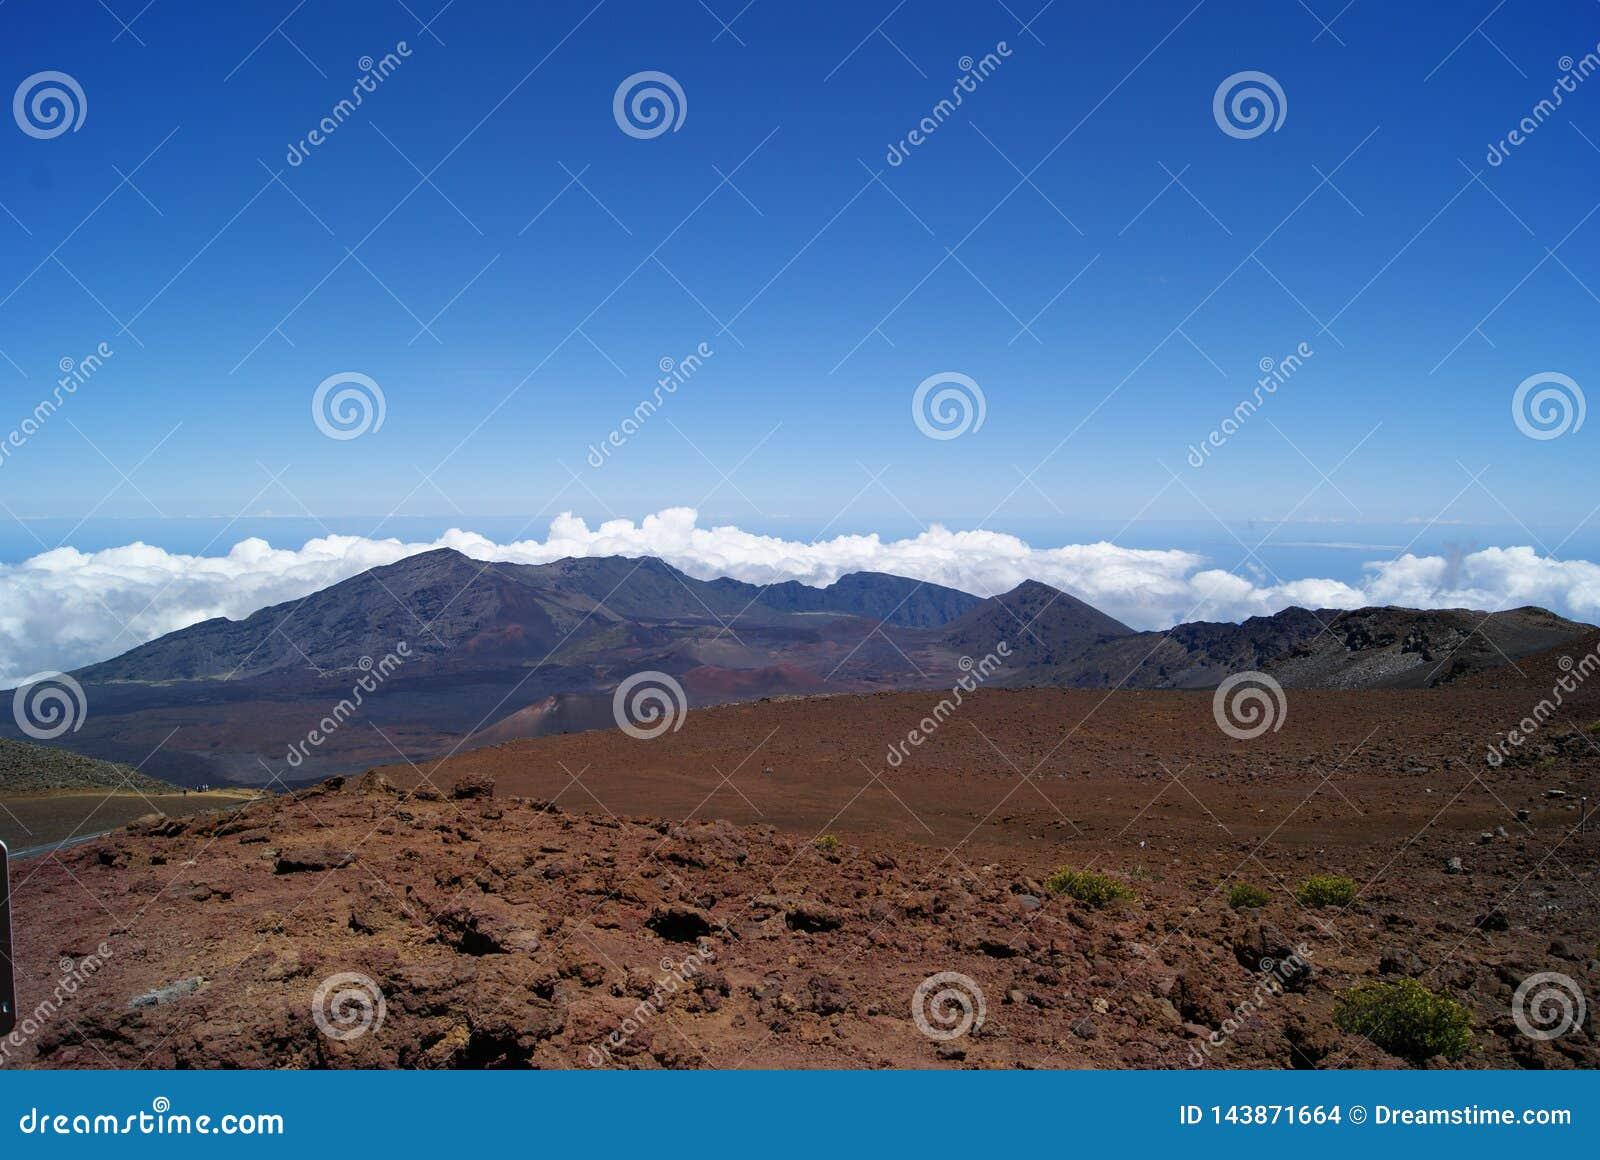 Na Haleakala wulkanie w Maui Hawaje